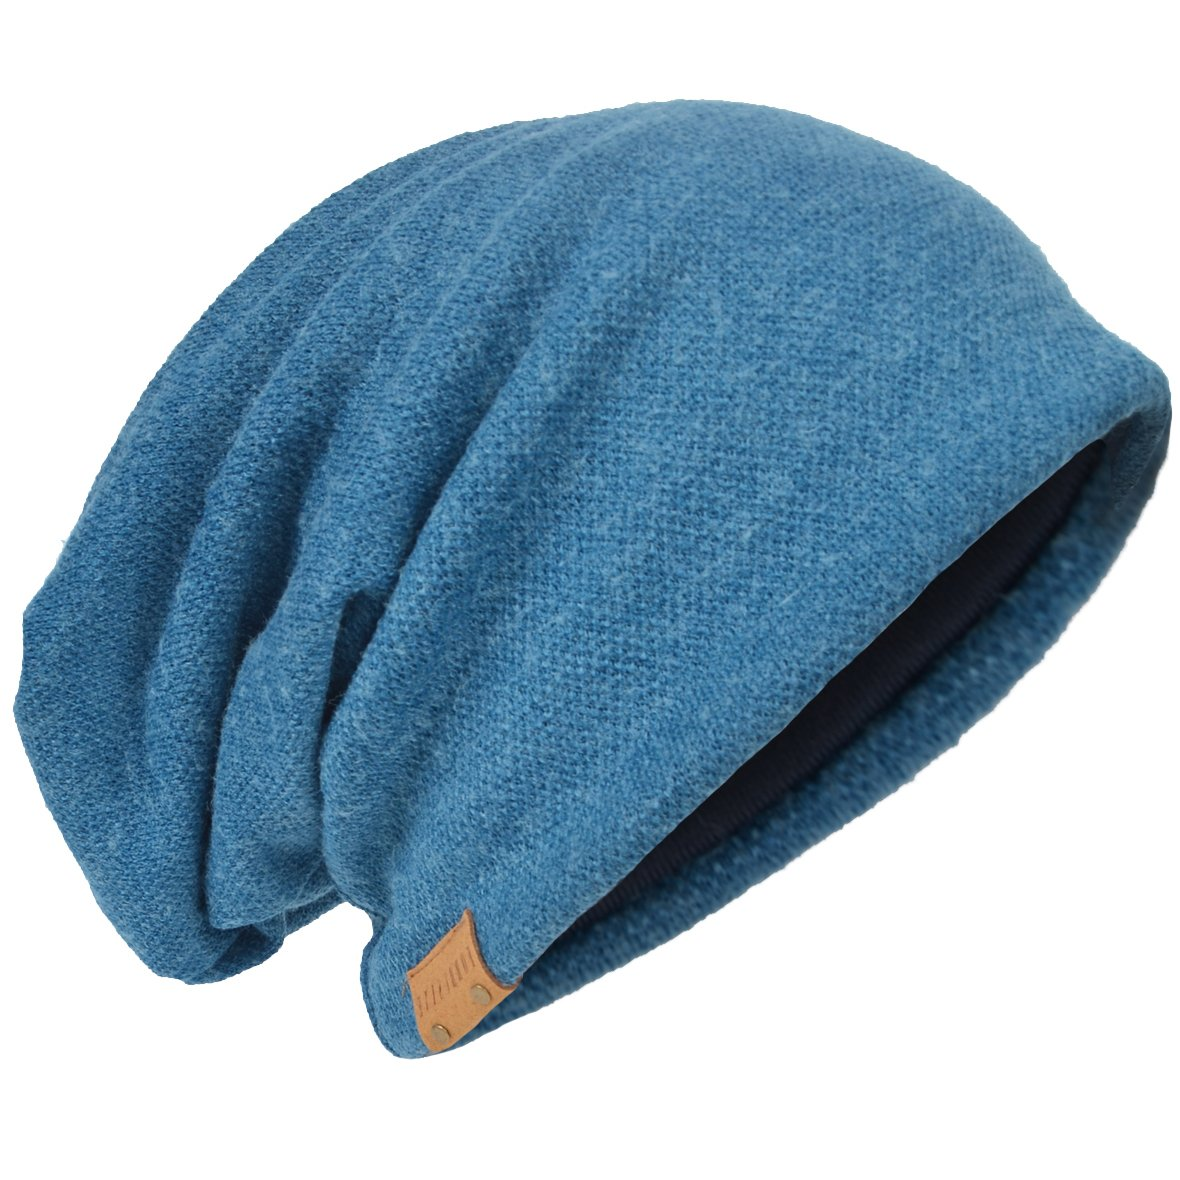 403ec2555e384c Oversize Slouch Beanie skullcap Blue 010b. Review - Z&s Men Oversize  Skull Slouch Beanie Large skullcap Knit Ski Hat B08 ...